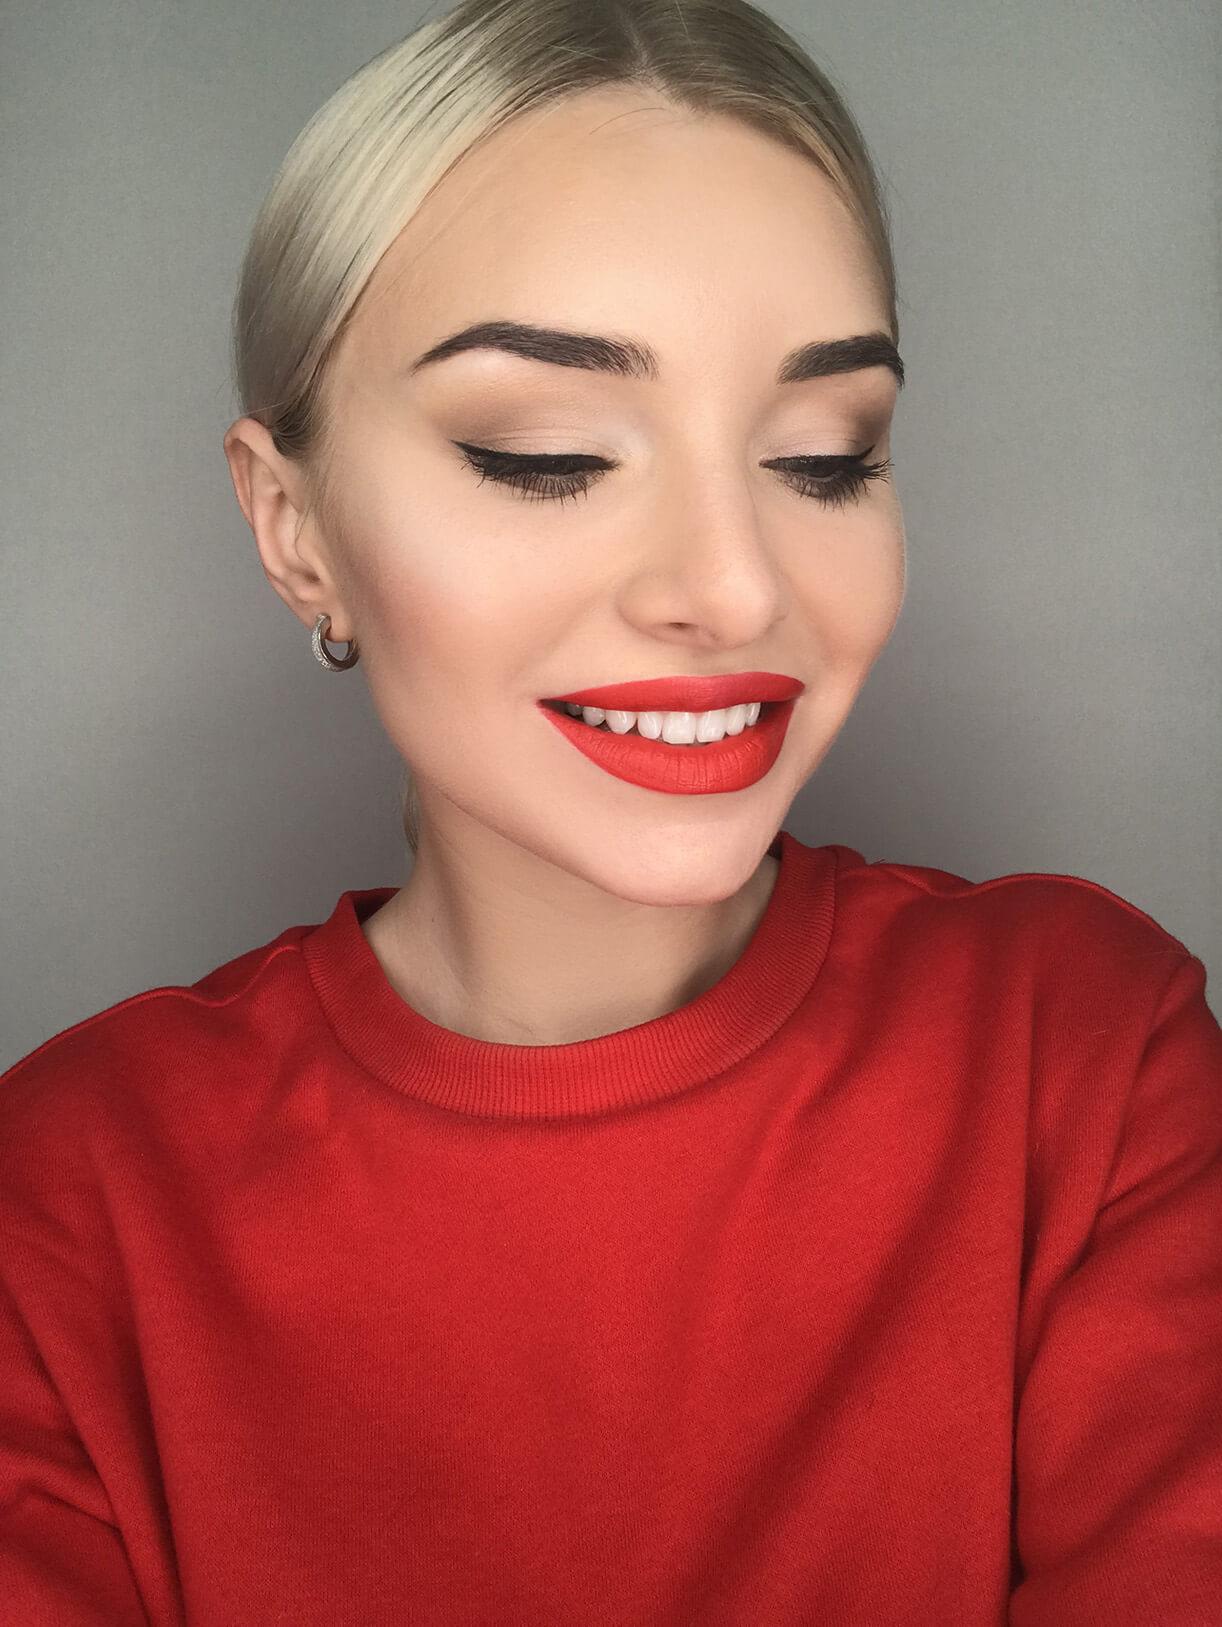 Девушка с яркой красной помадой и аккуратными бровями